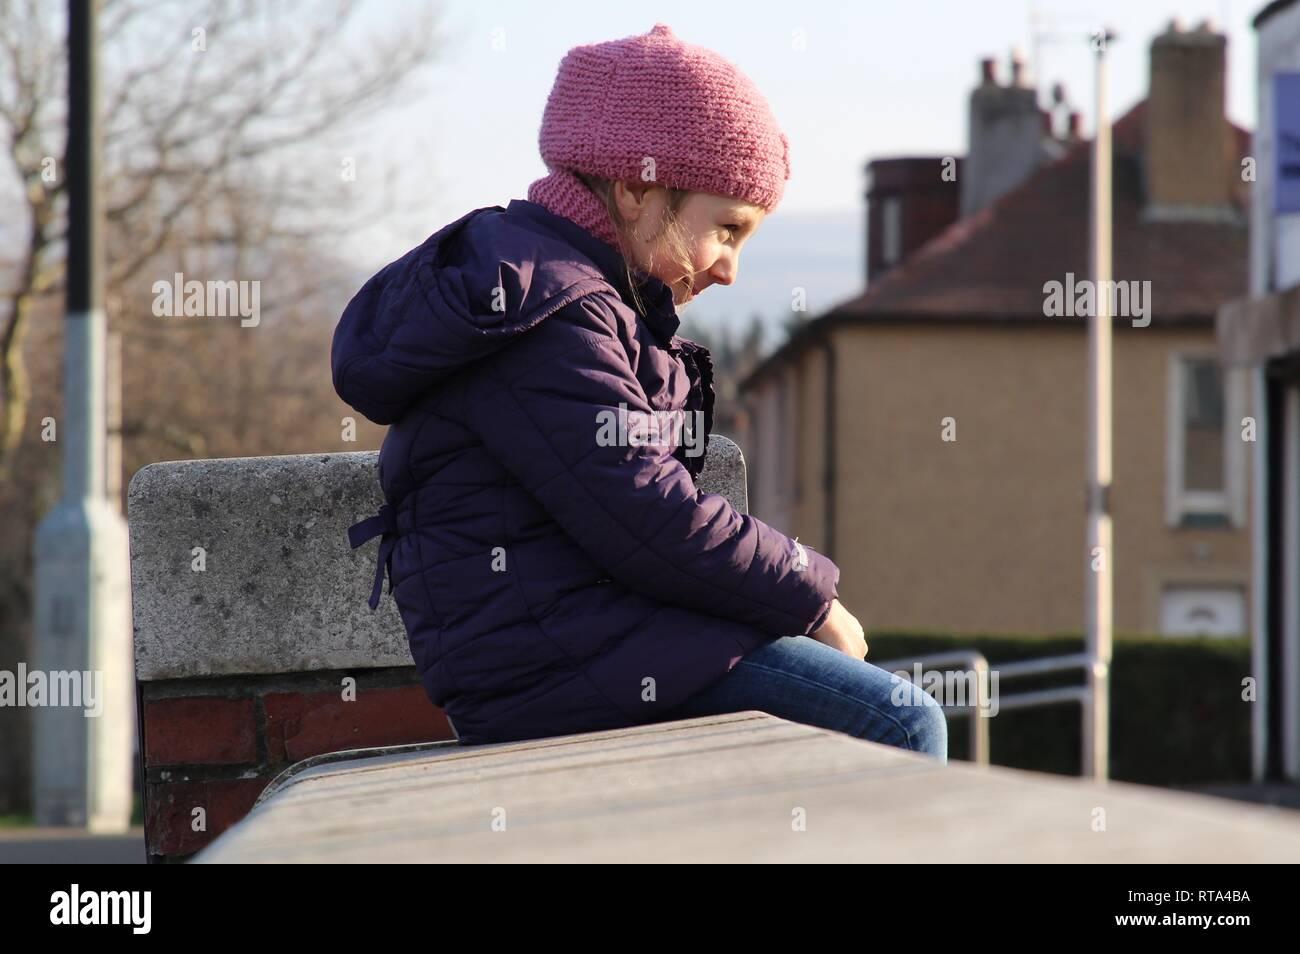 Sorridenti bambino seduto al sole Immagini Stock